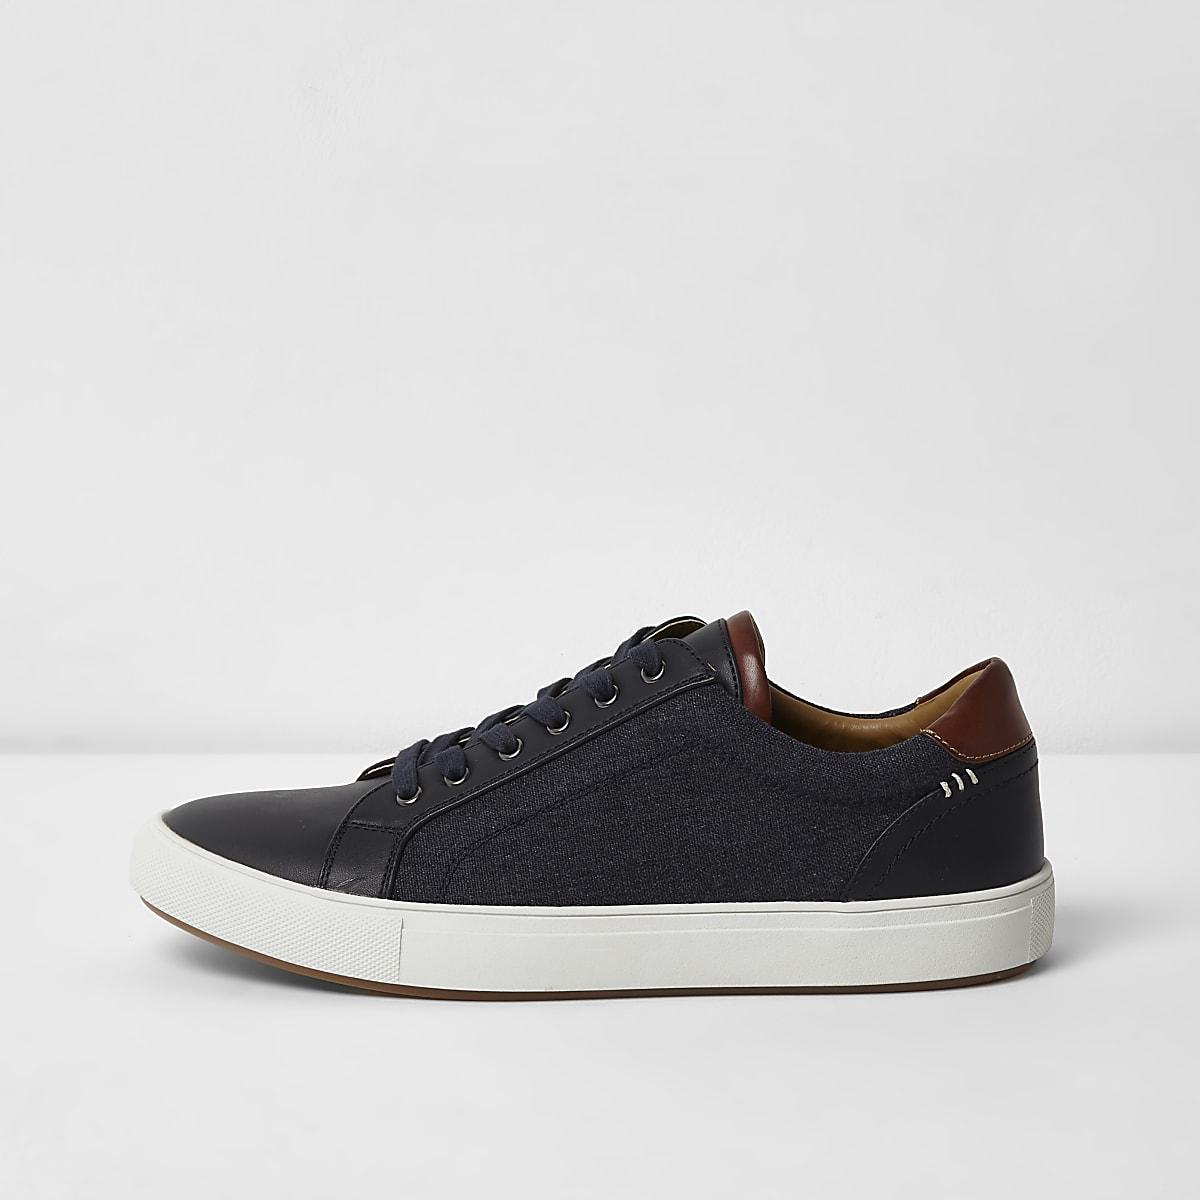 Marineblaue Sneaker zum Schnüren mit Jeanseinsatz